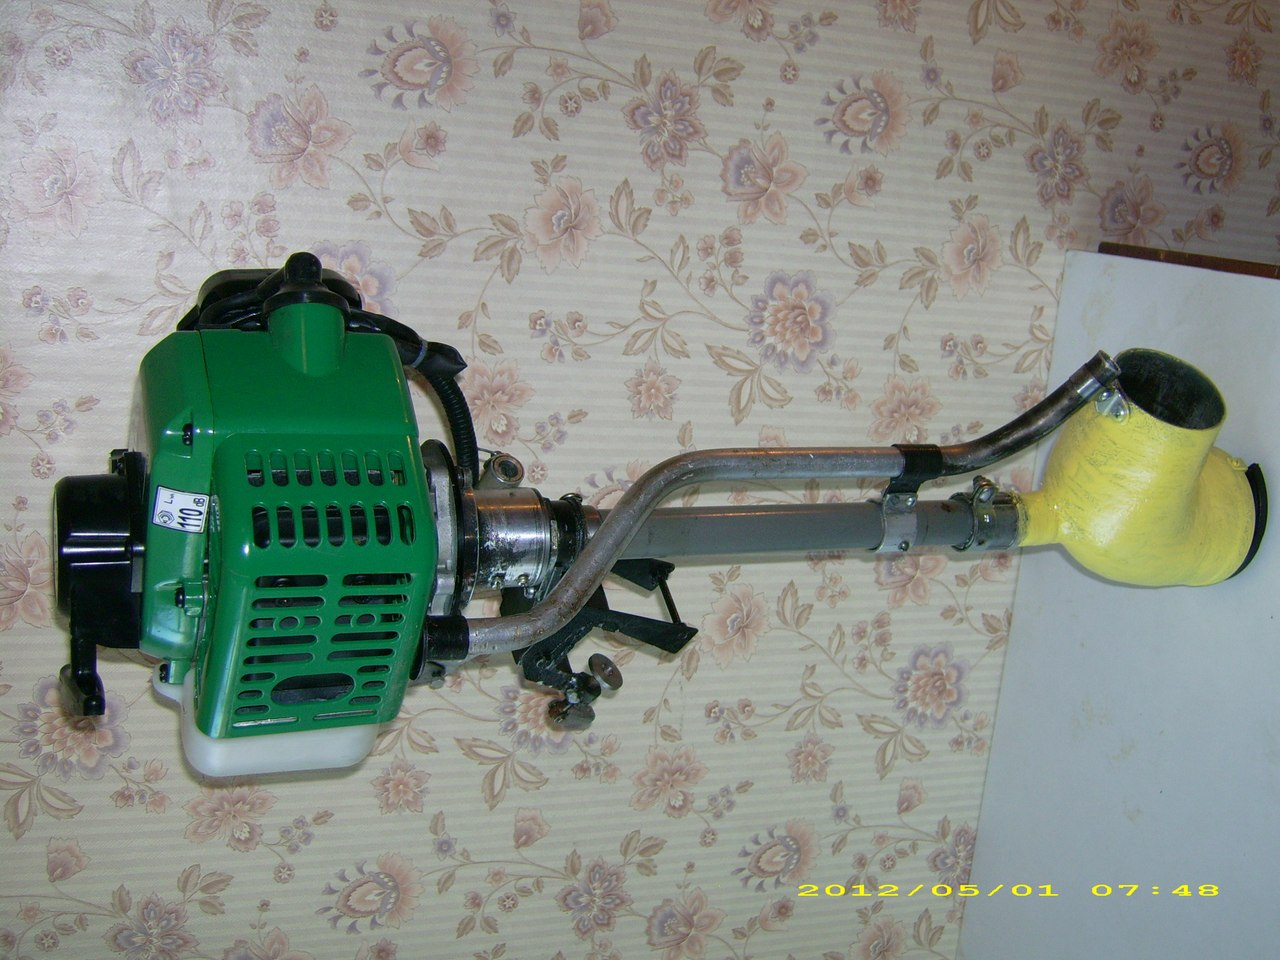 High Tech Защита подвесного лодочного мотора (ПЛМ) 97